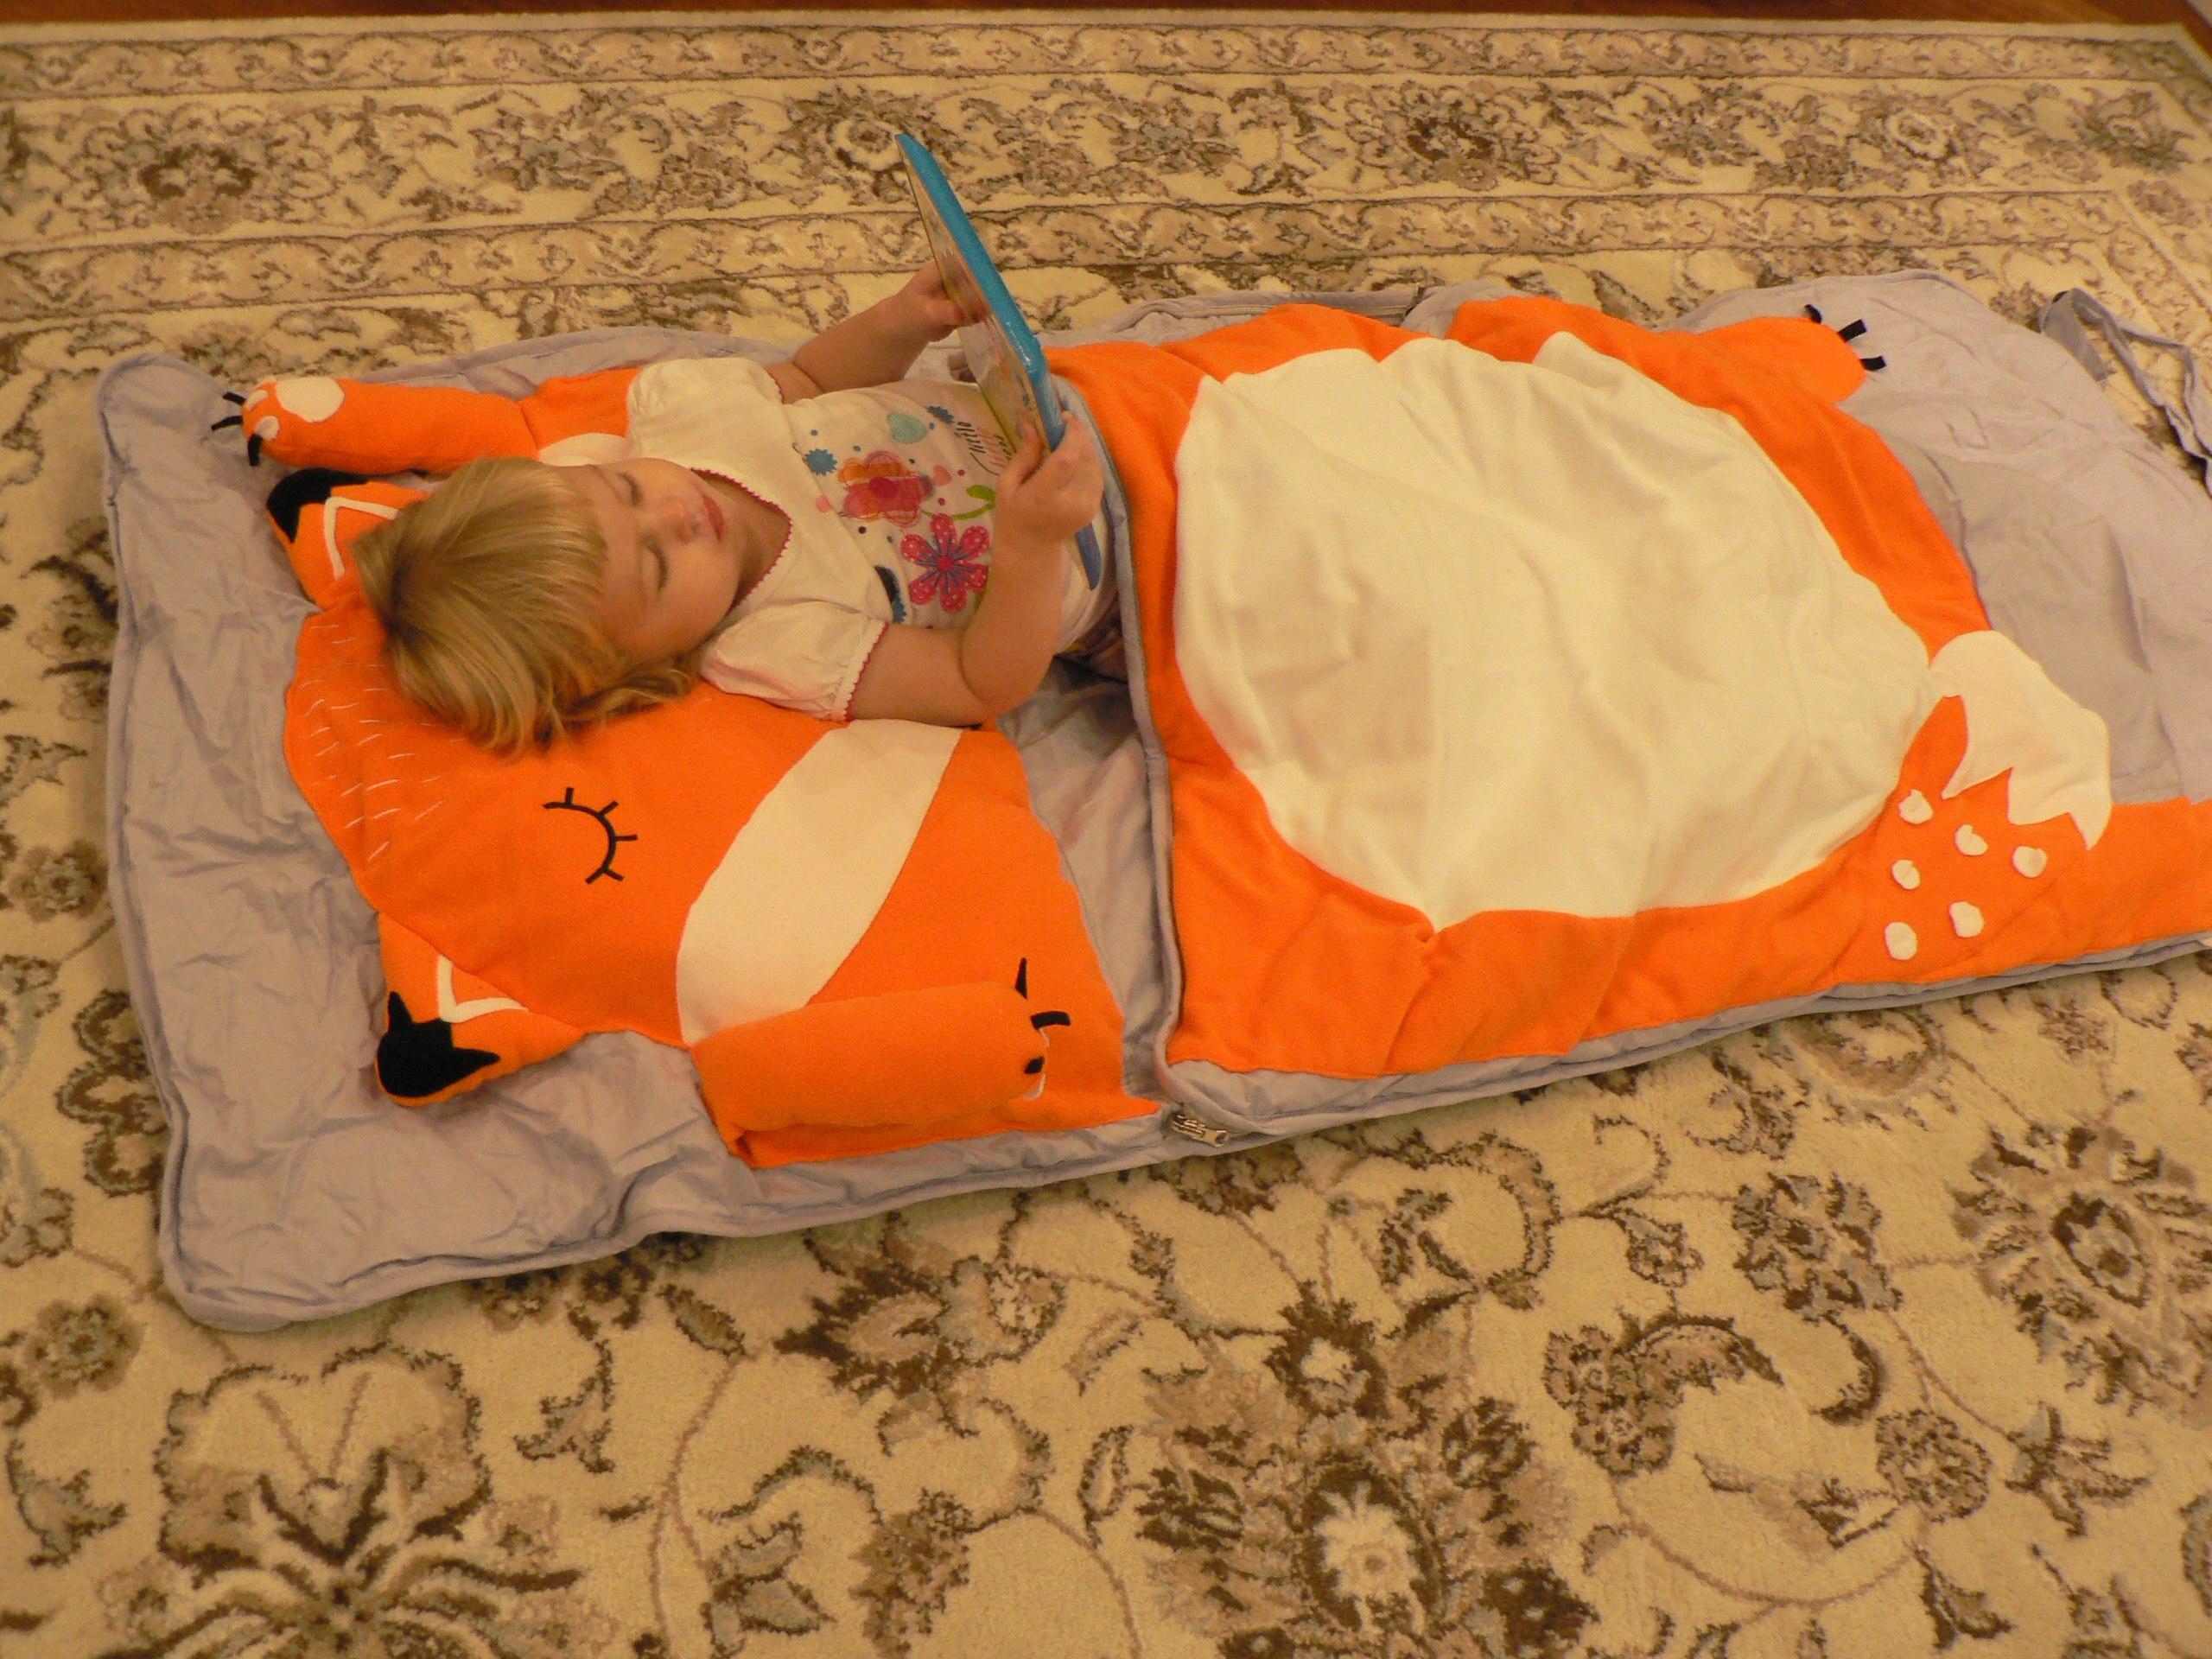 дочка ночью забралась в кровать мама и папа